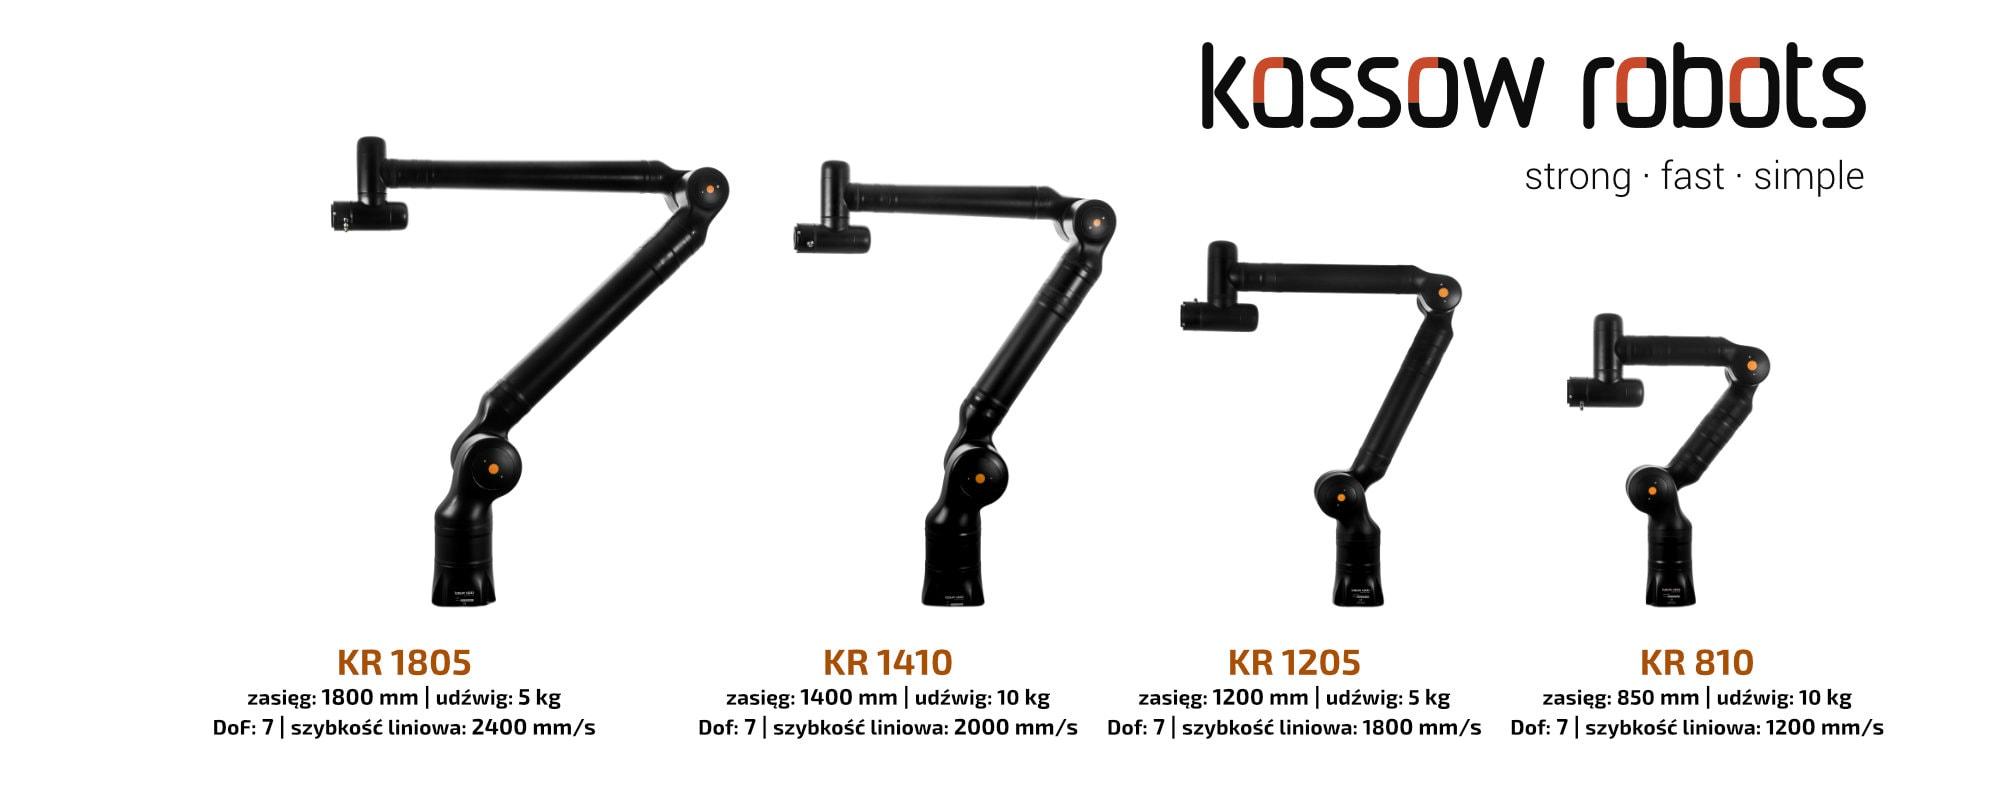 Banner - Kassow Robots | fast - strong - simple | rodzina czterech siedmiosiwych robotów współpracujących